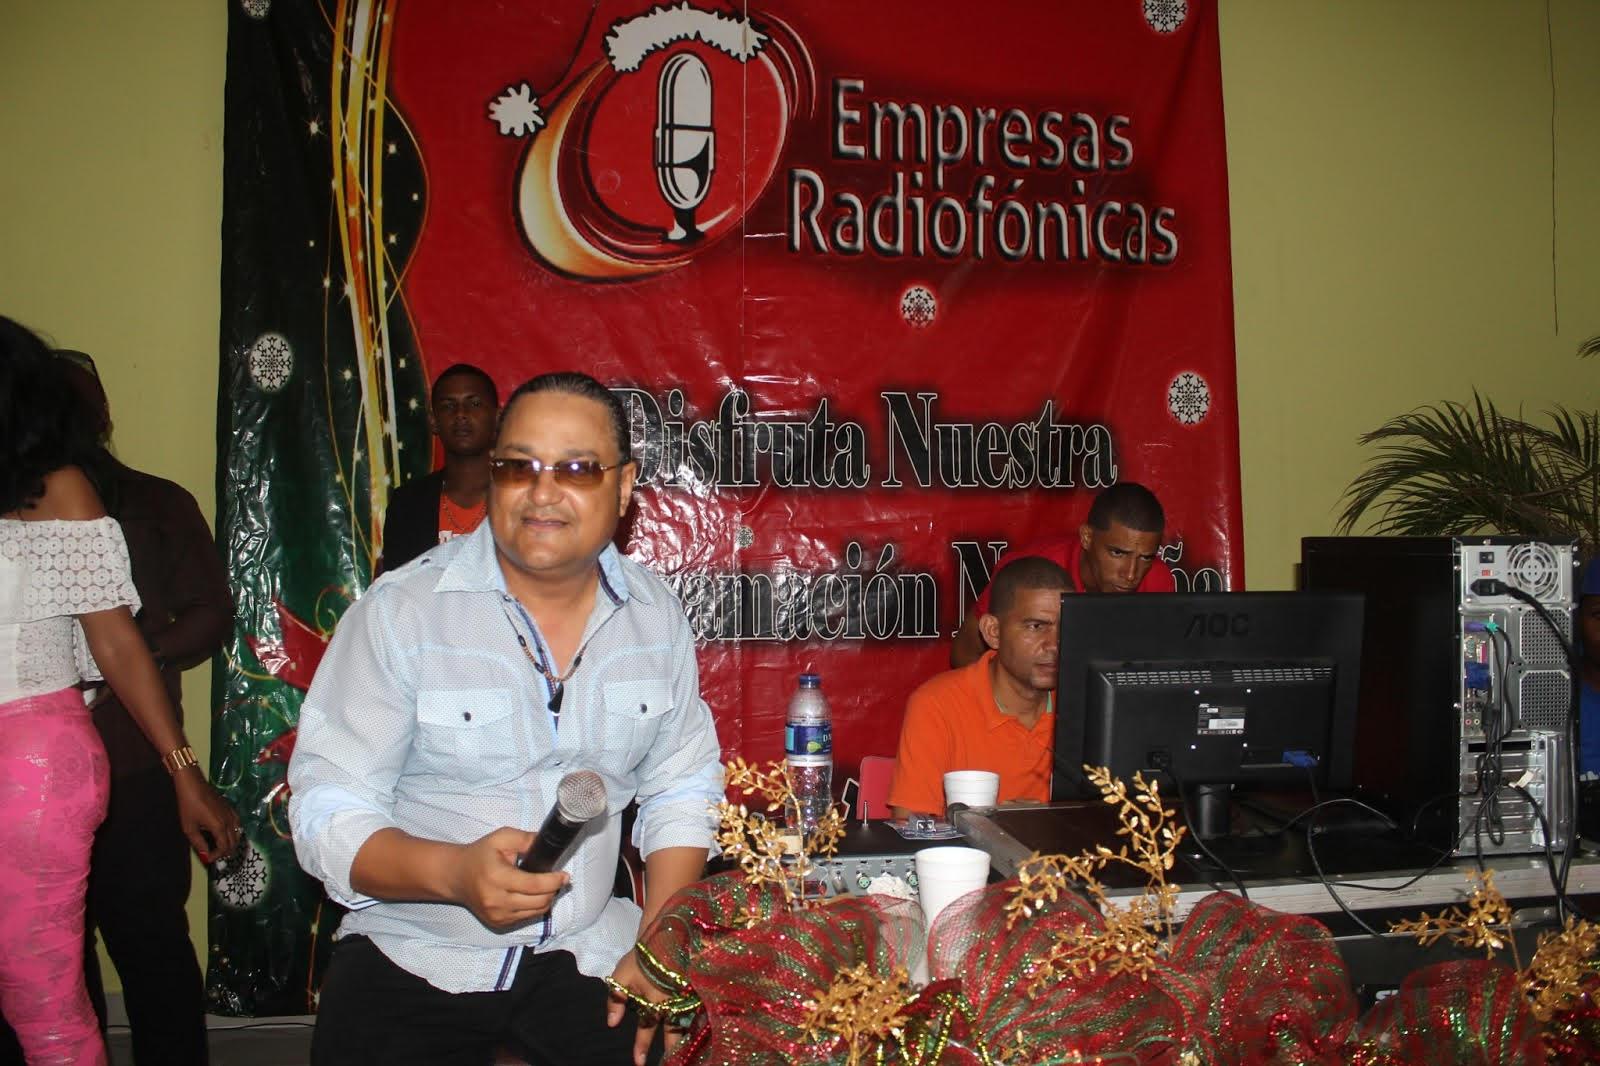 Empresas Radiofónicas realizará recepción en octubre de programas navideños de sus emisoras